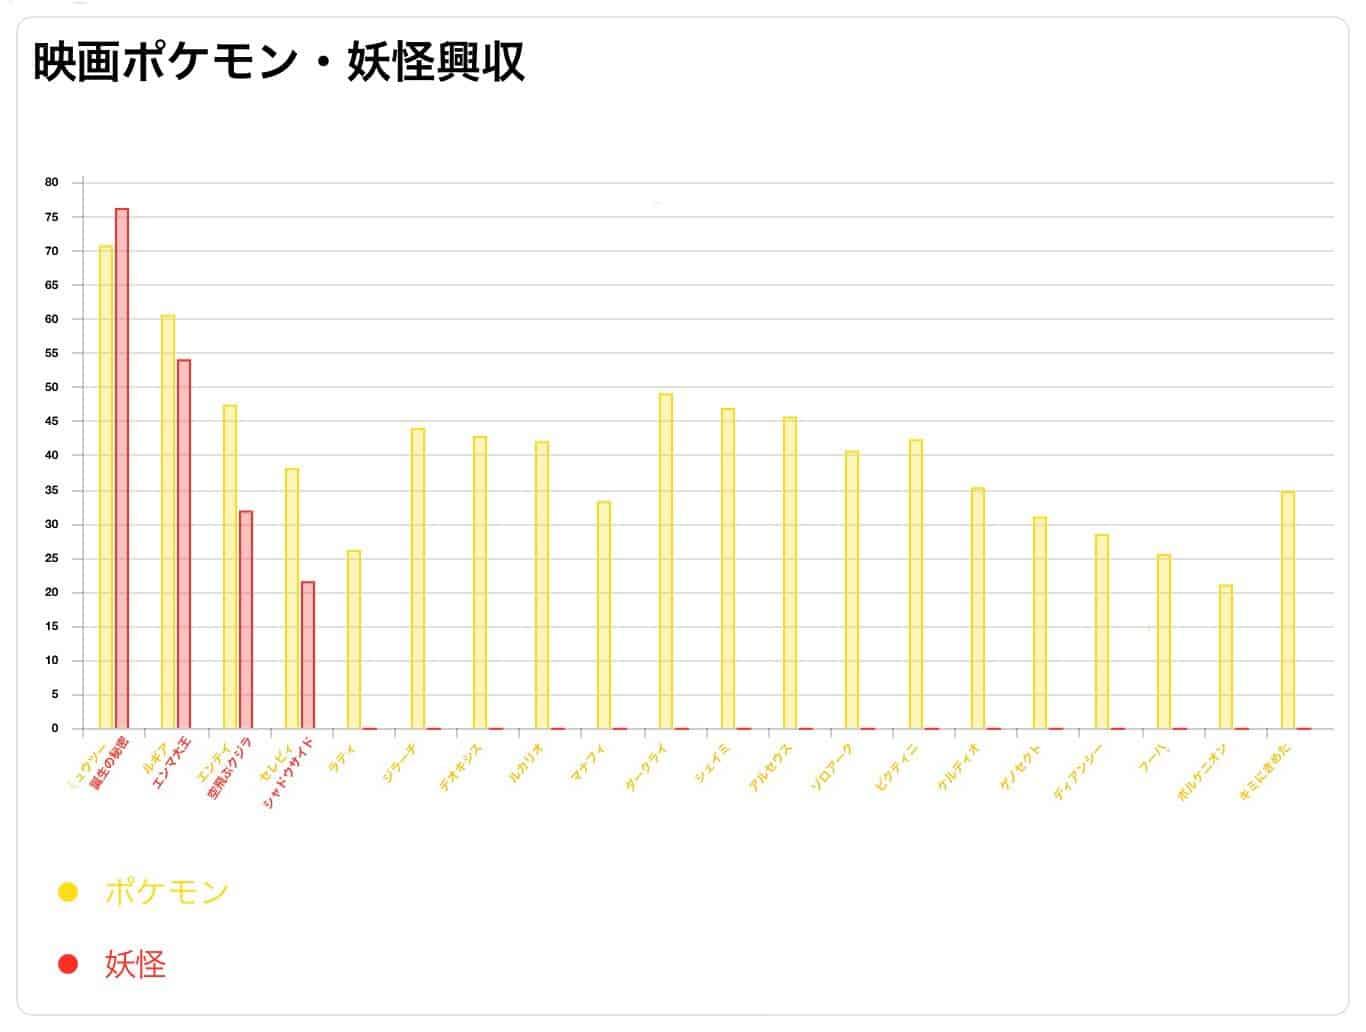 ポケモン 映画 歴代 興行収入